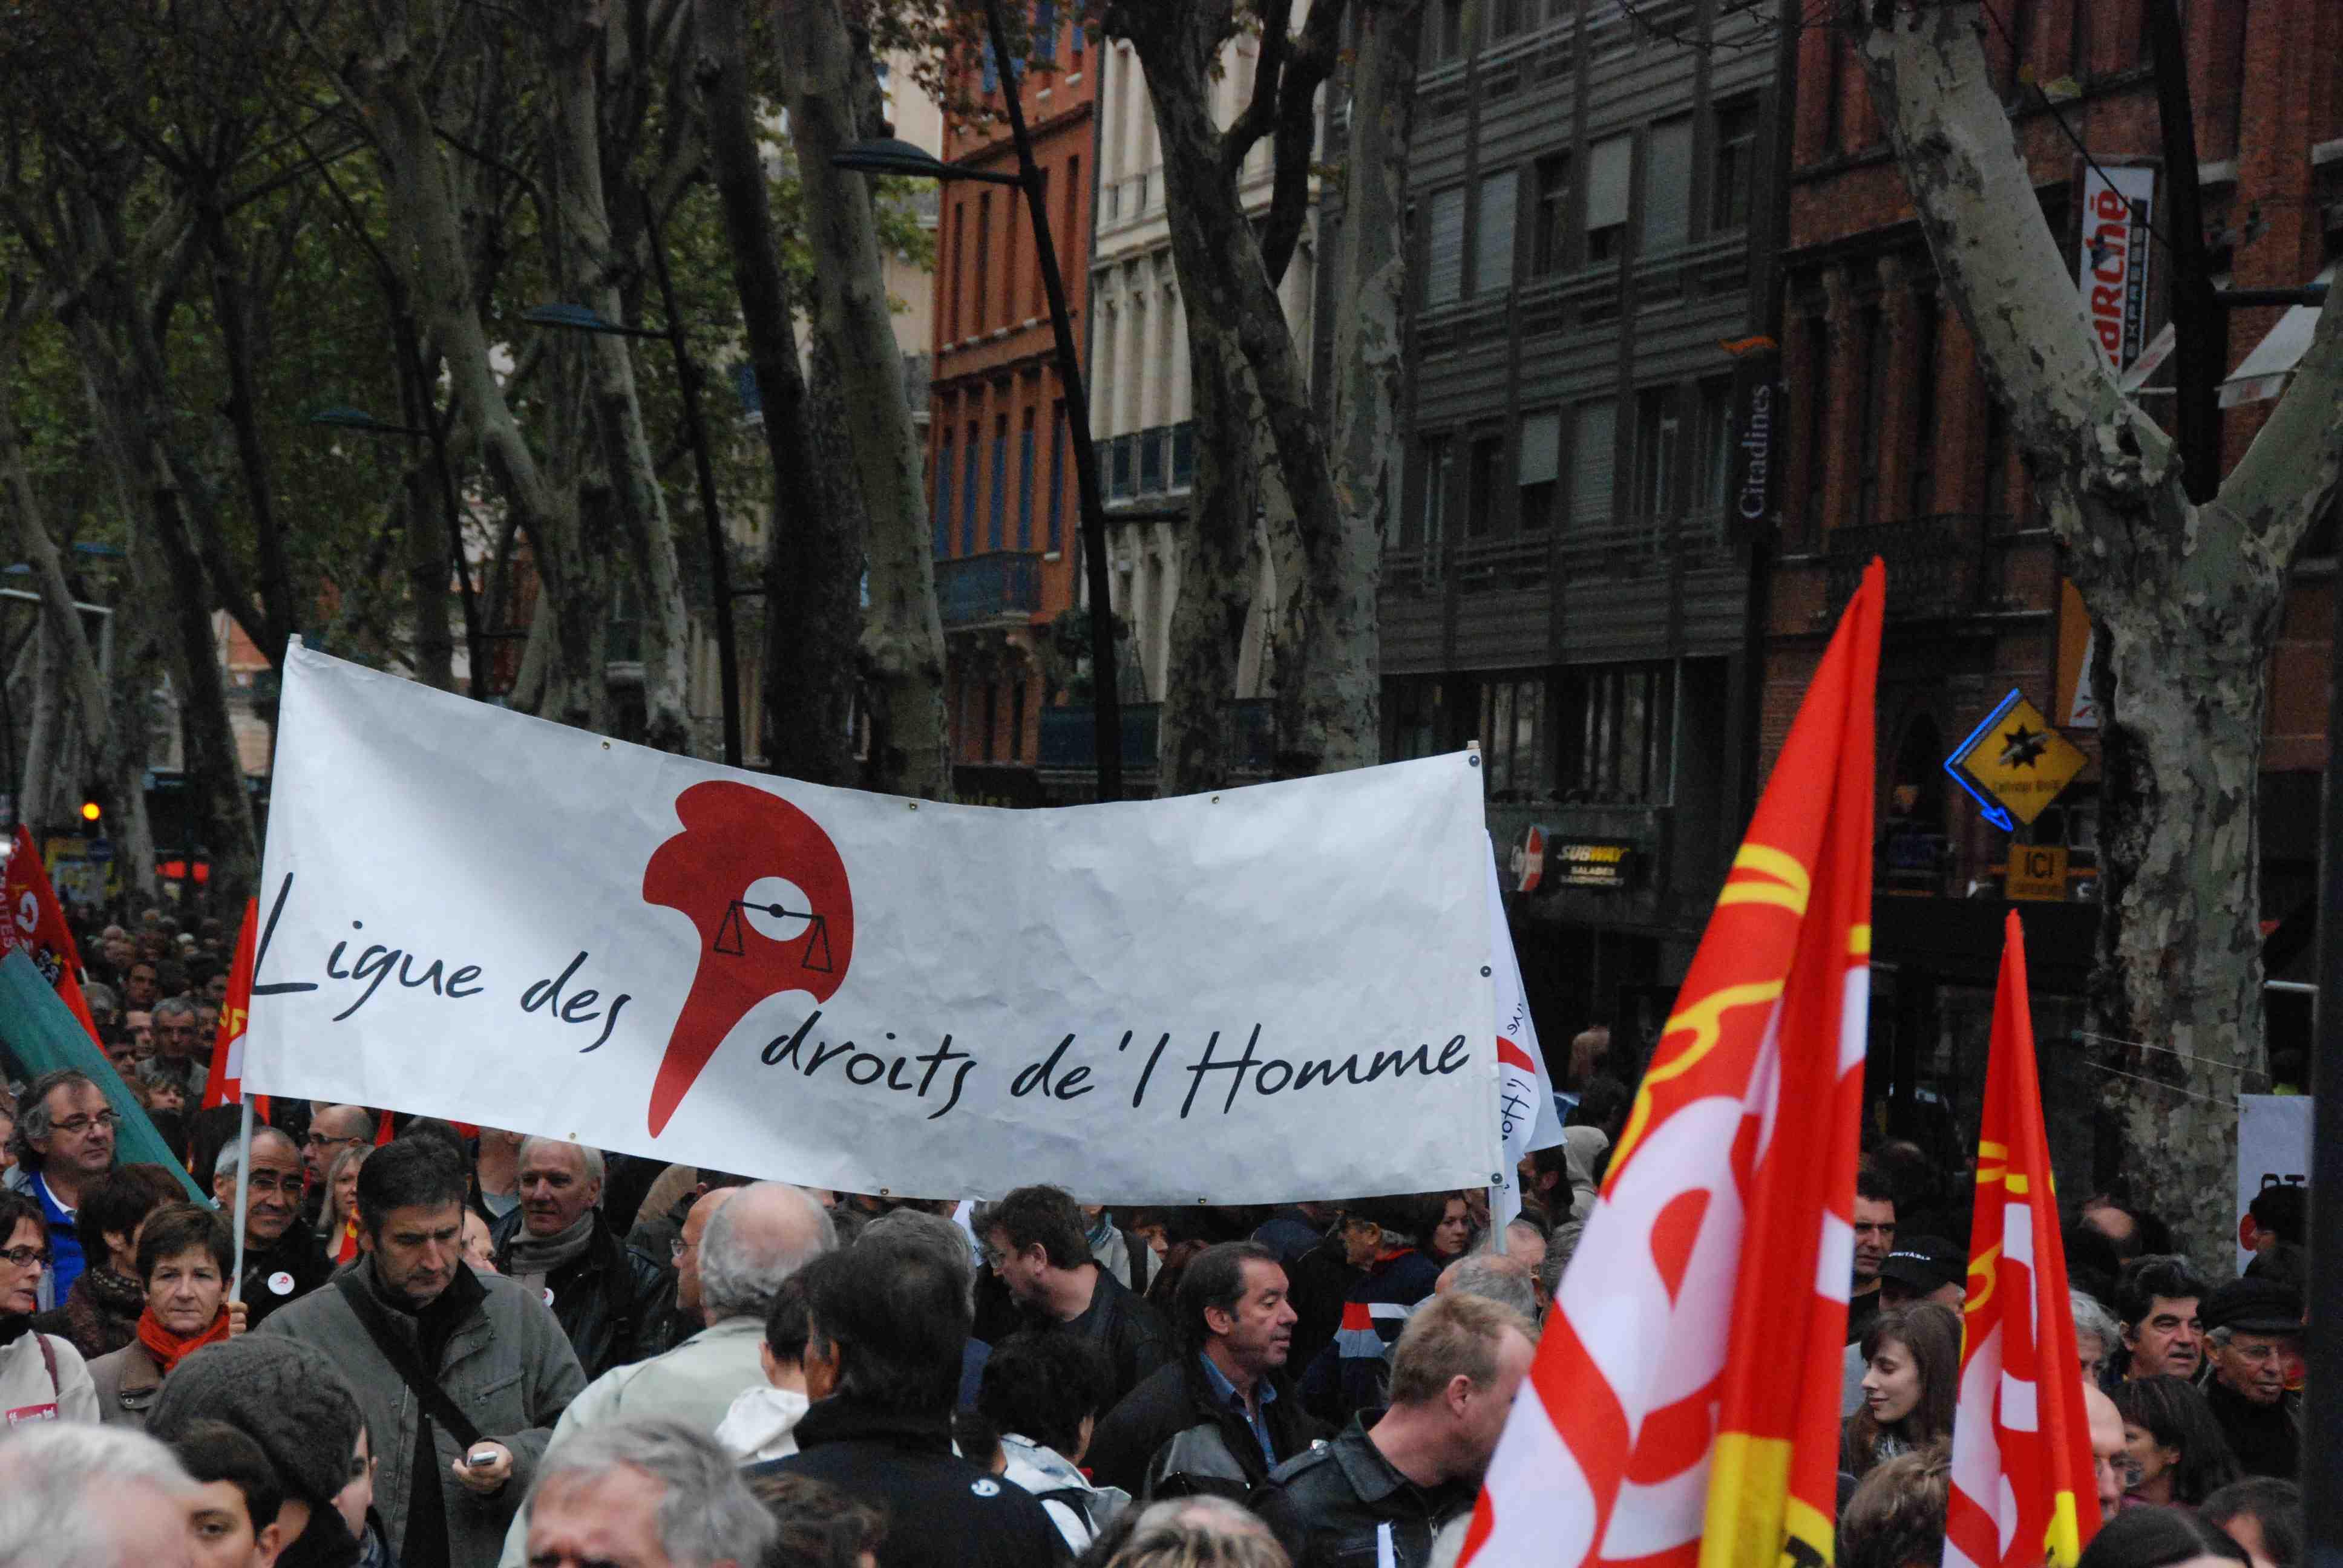 Banderole de la LDH dans le cortège des manifestations contre la réforme des retraites.